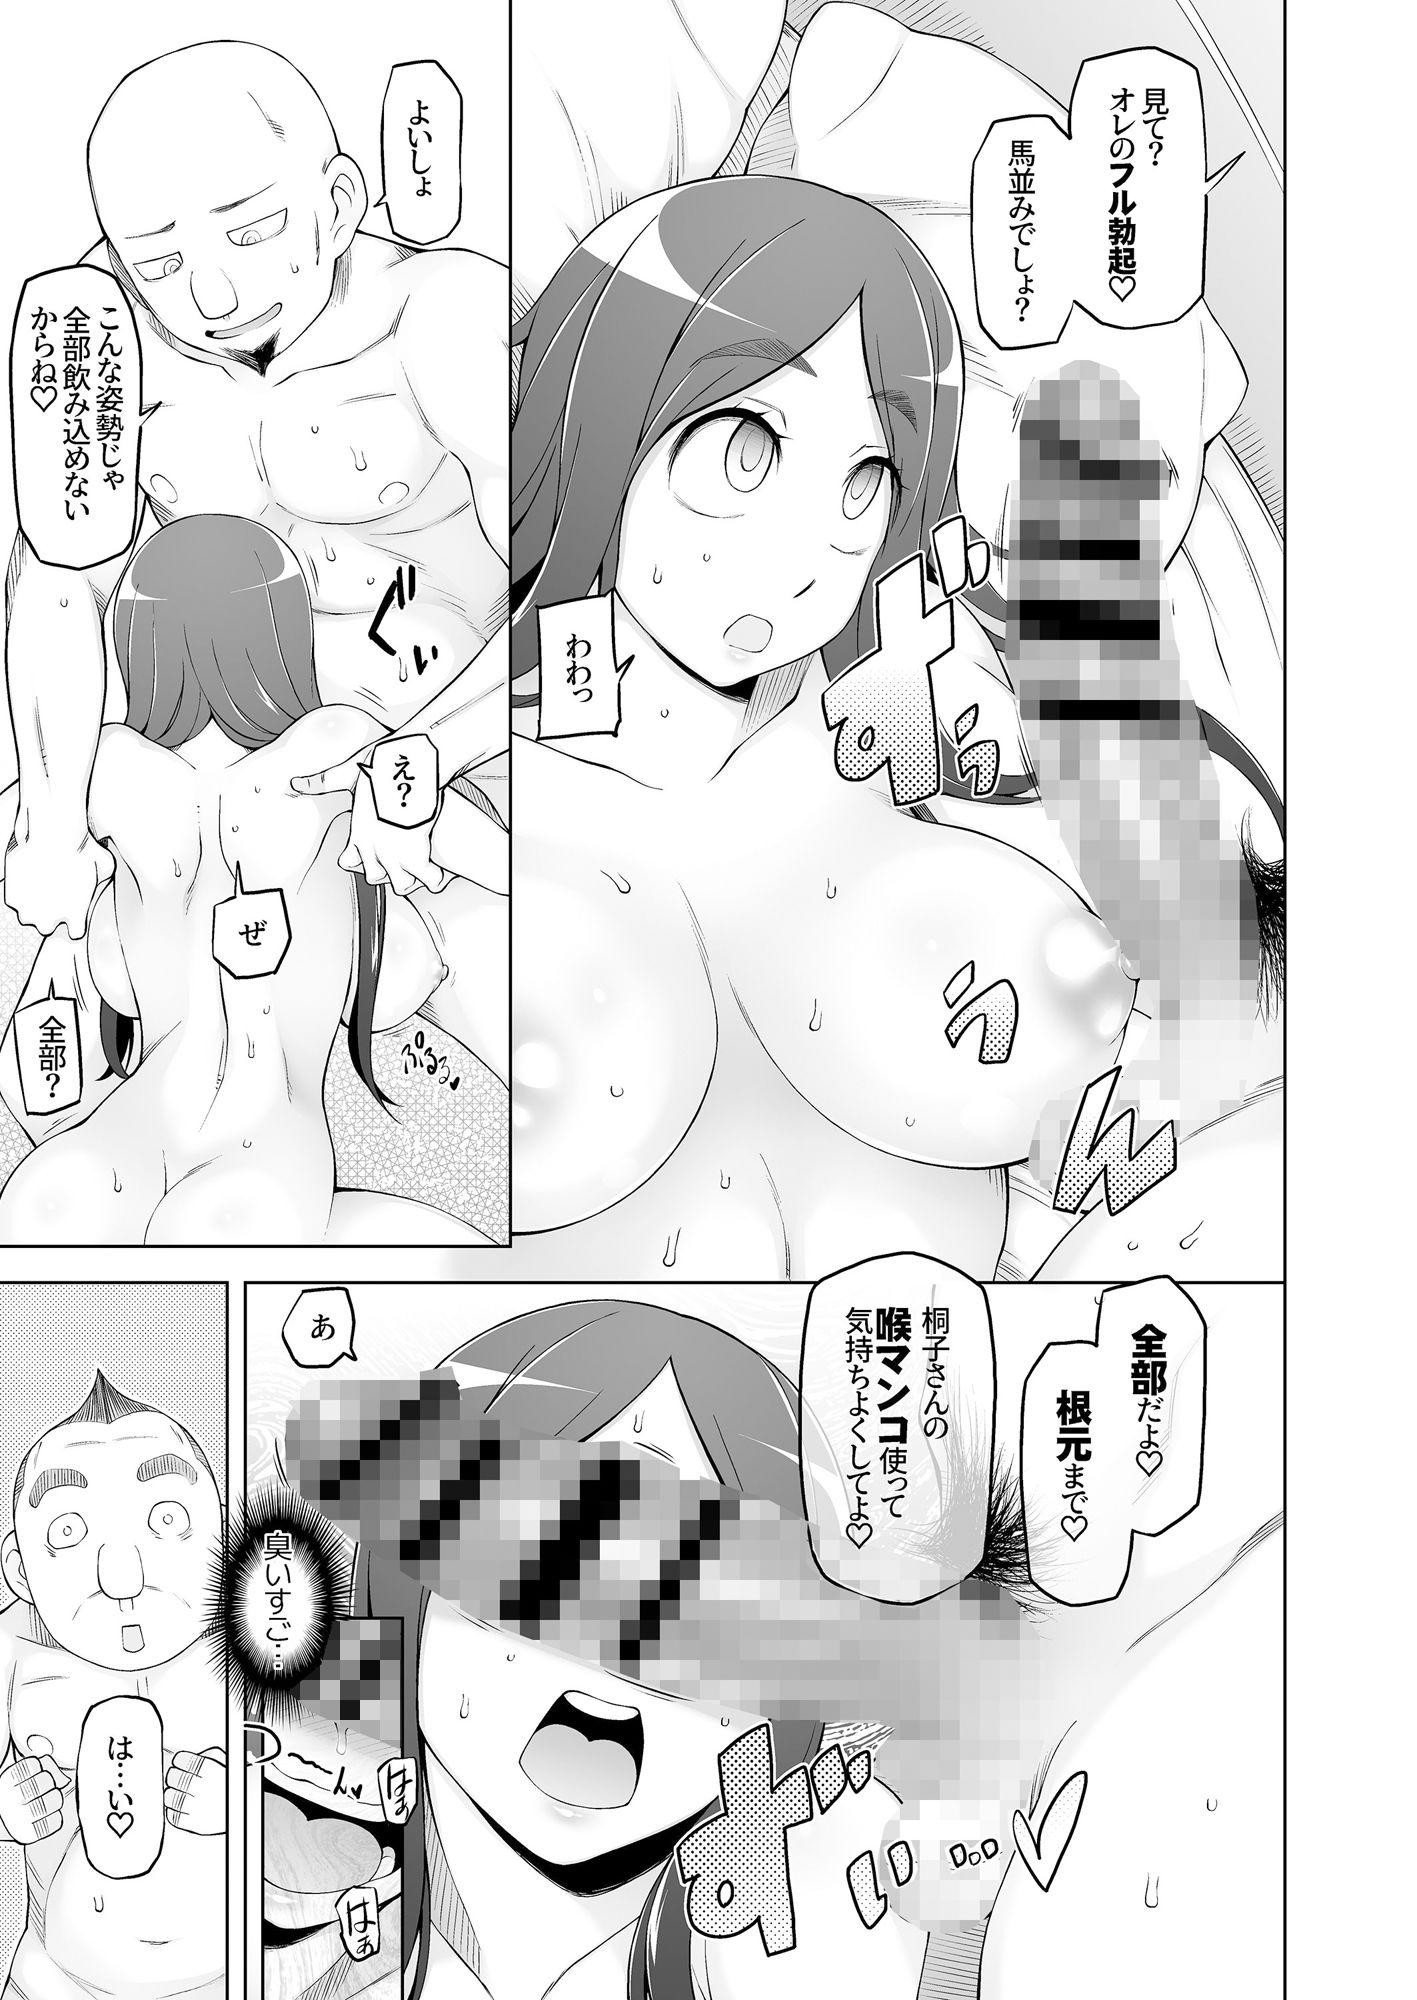 【エロ漫画】人妻・桐子の調教寝取られ性活 SNSで知り合ったフォロワーと ガチンコセックス、連日ハメまくった妻の話「サークル:がらくた少女」【同人誌・コミック】#9